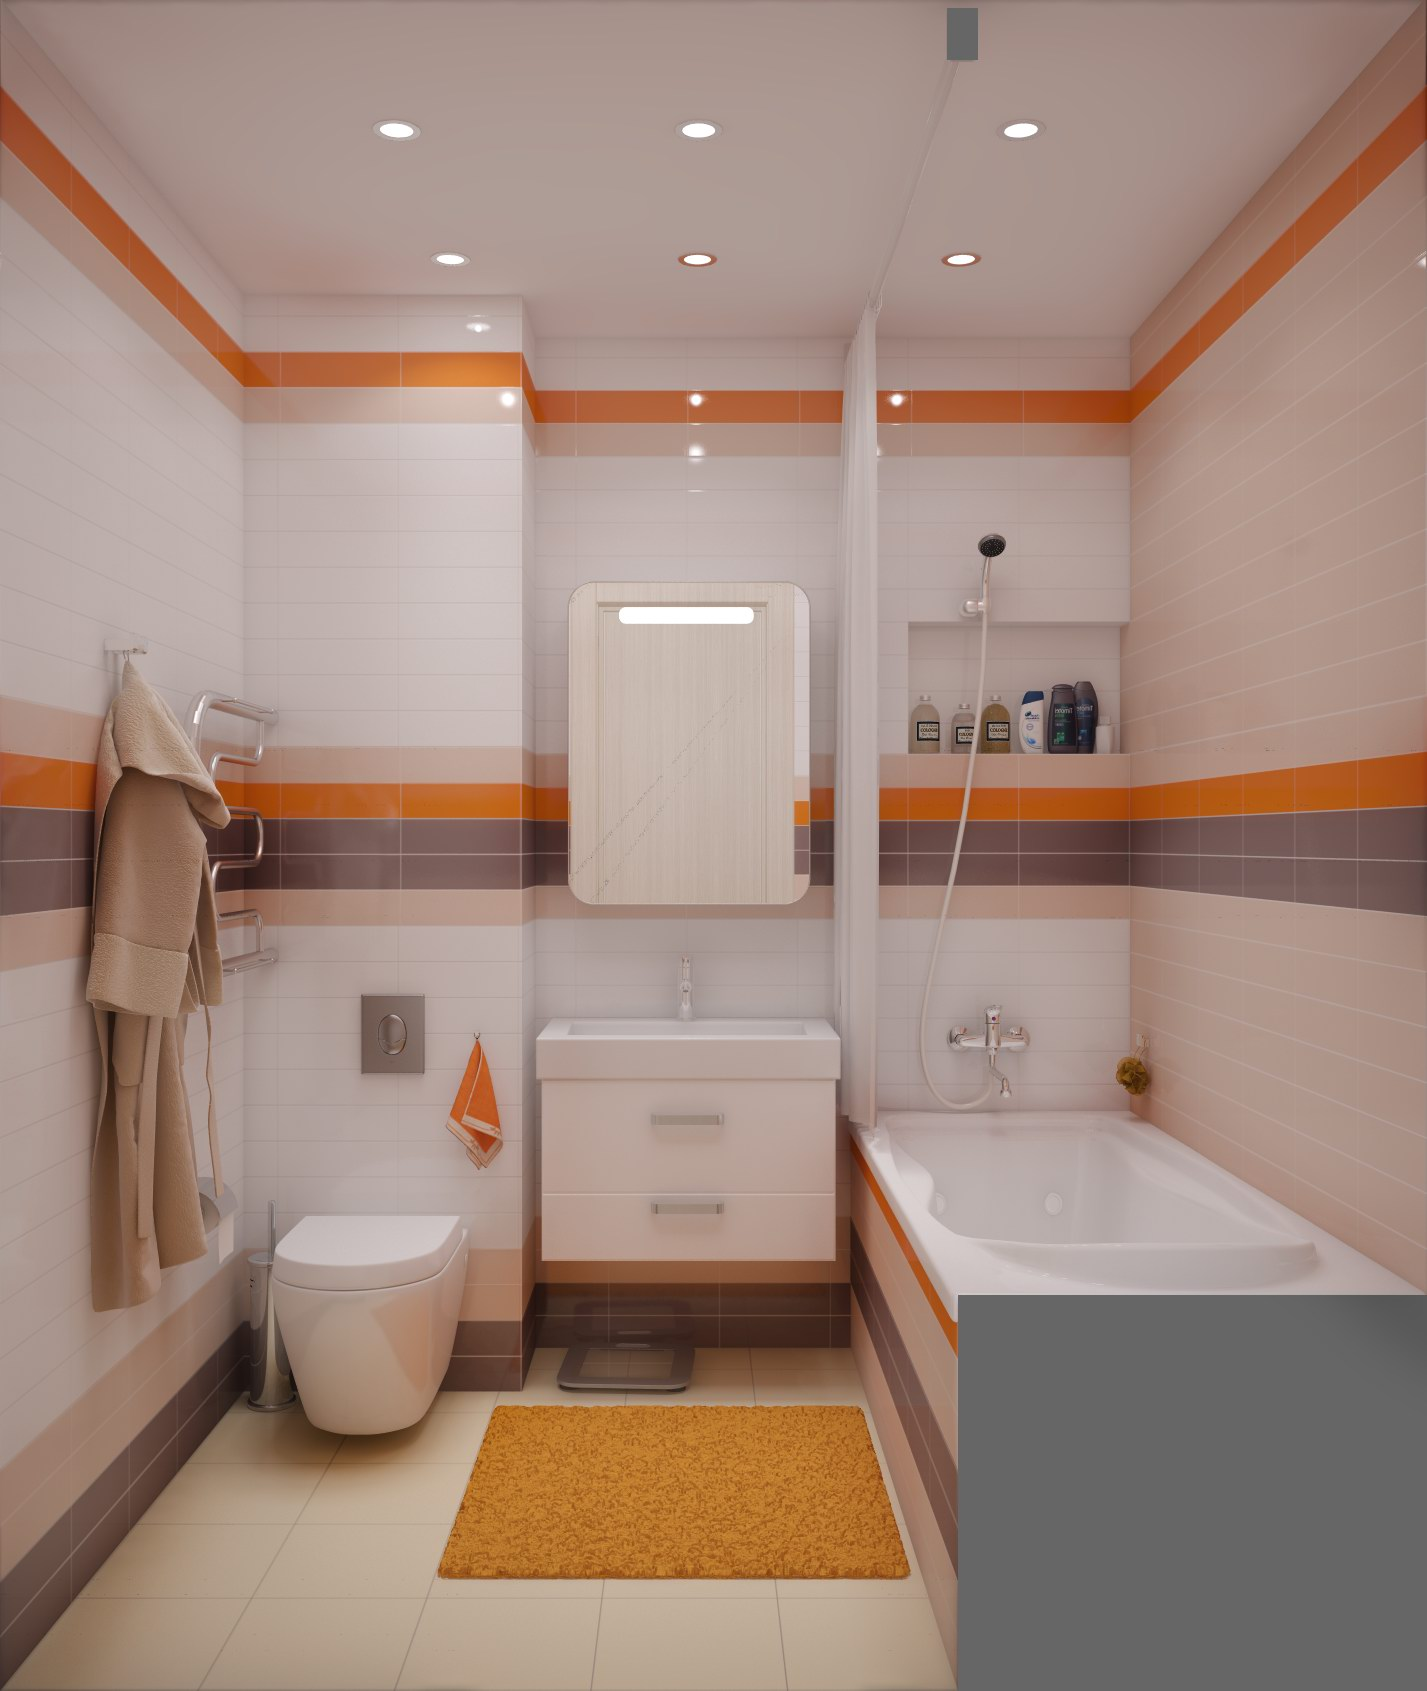 Ремонт ванной комнаты совмещенной